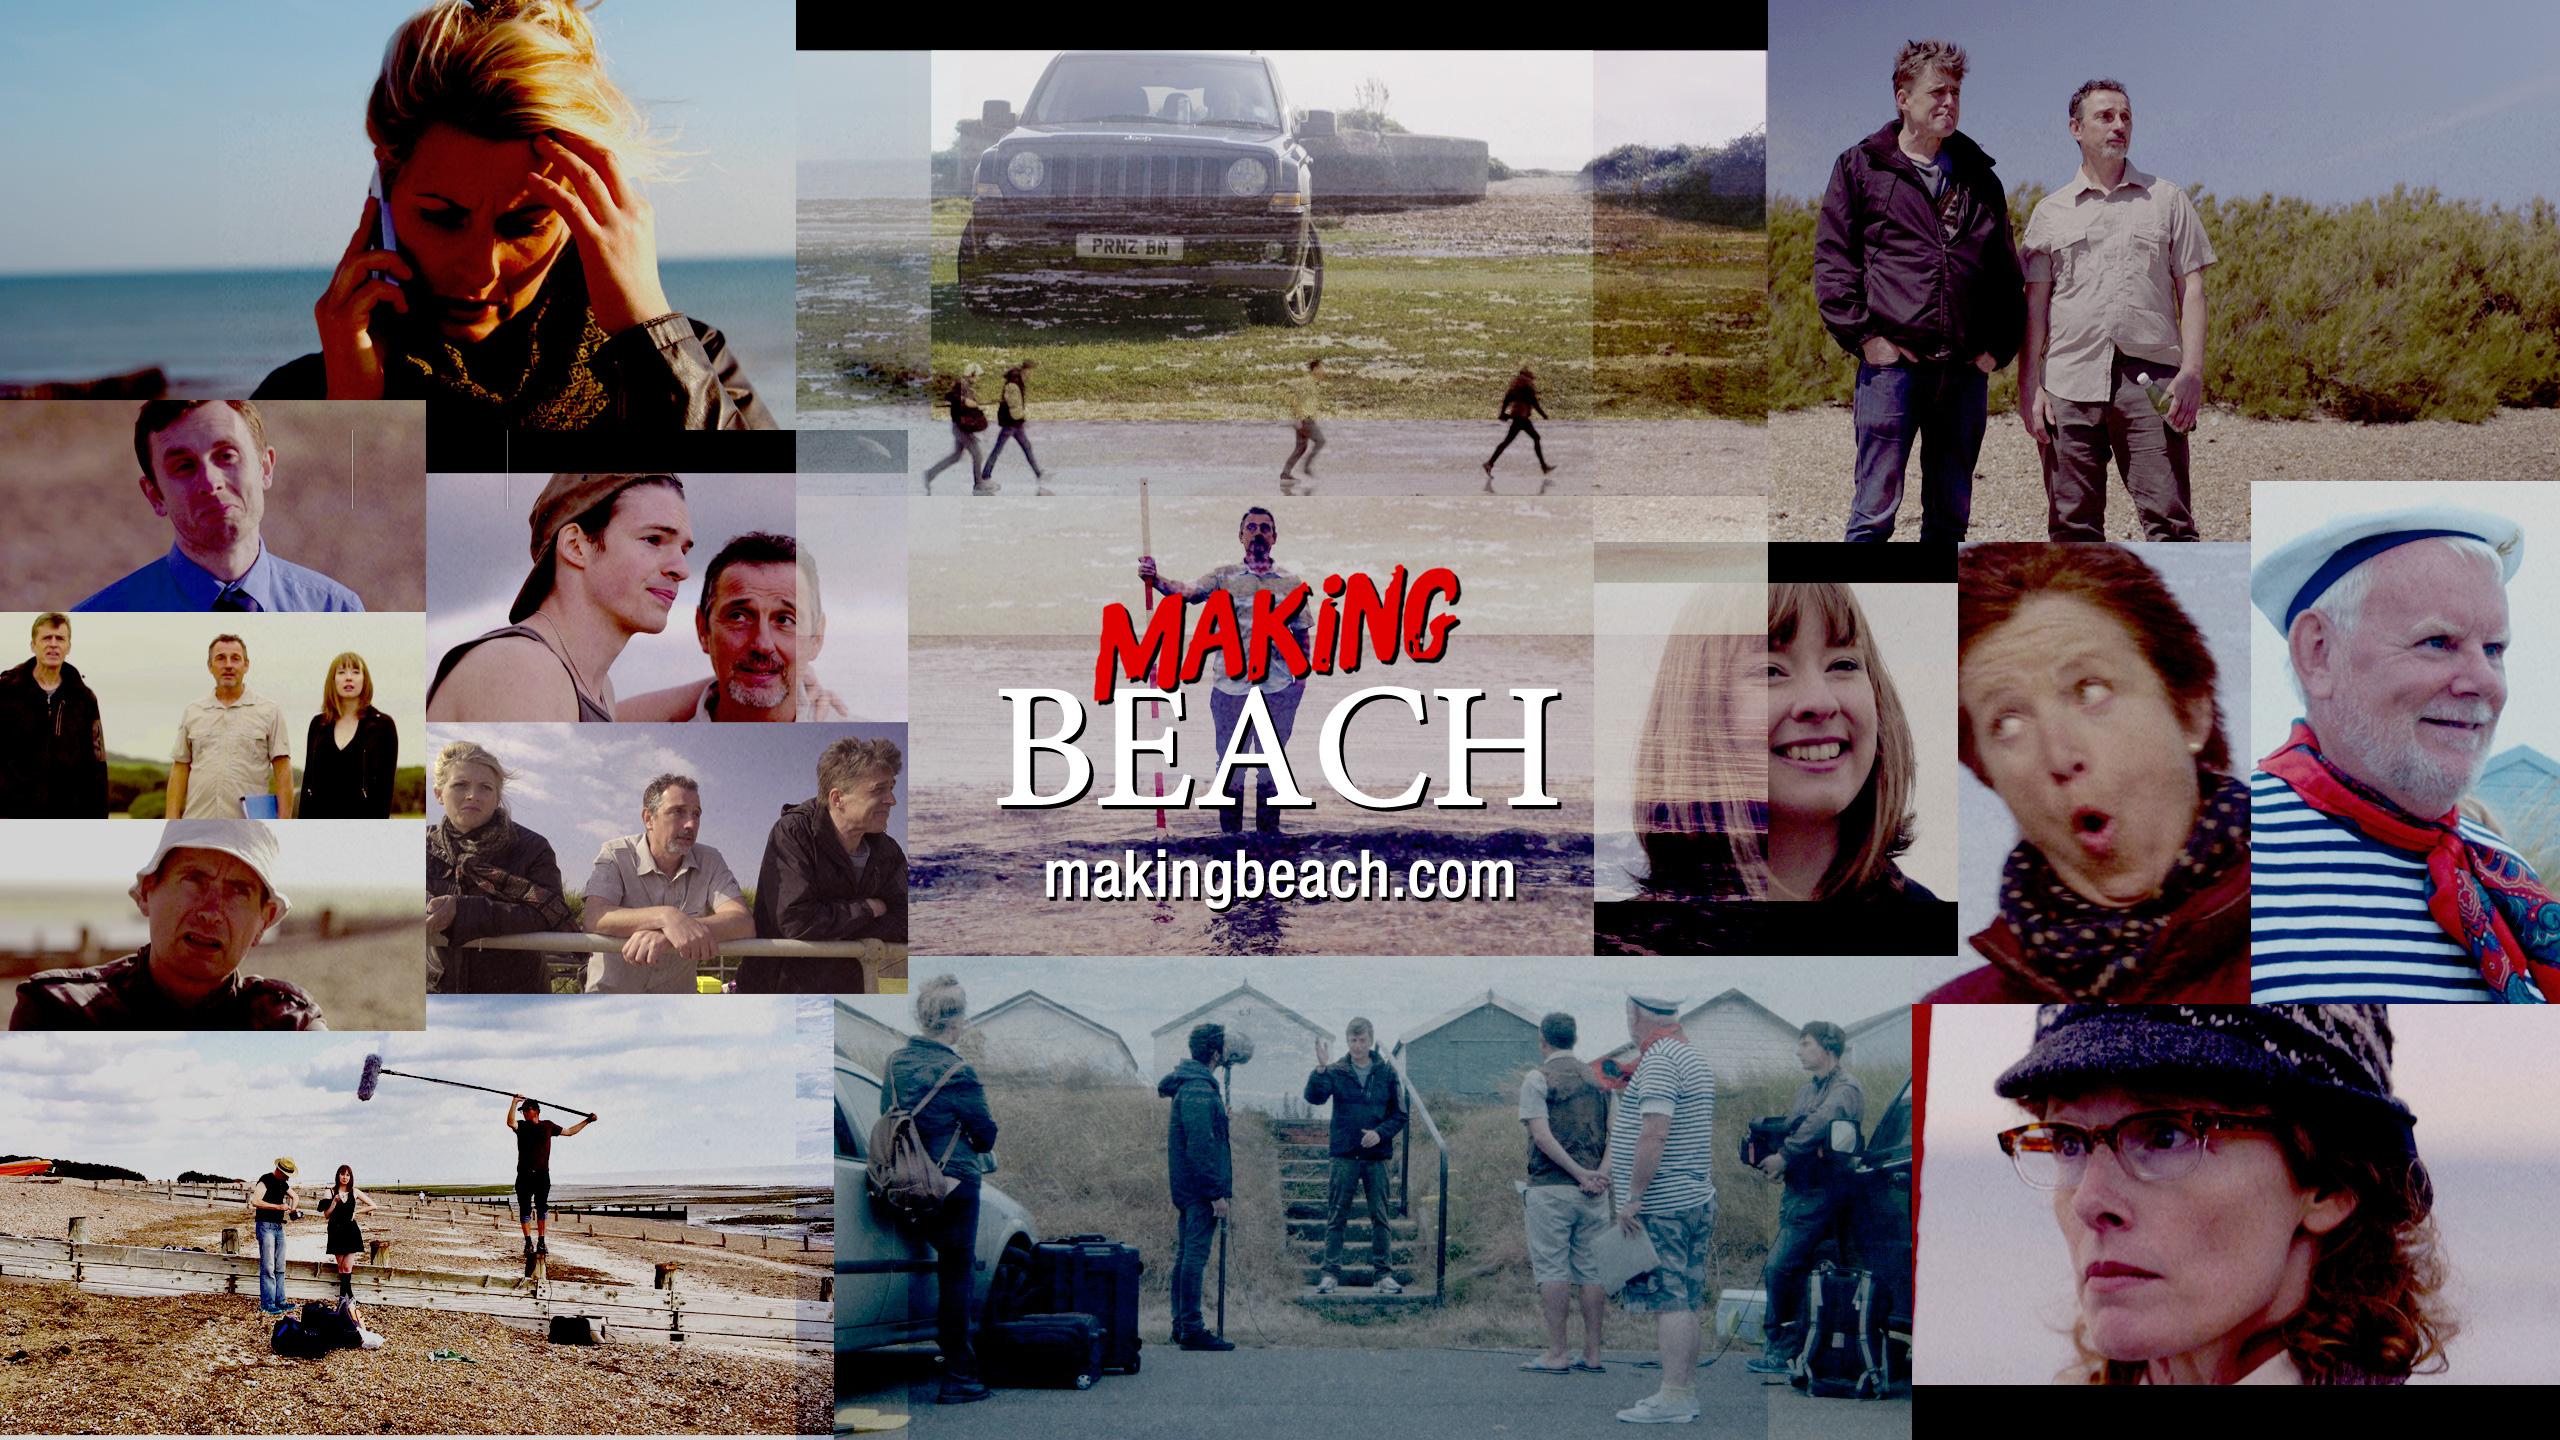 Making Beach - a comedy web-series